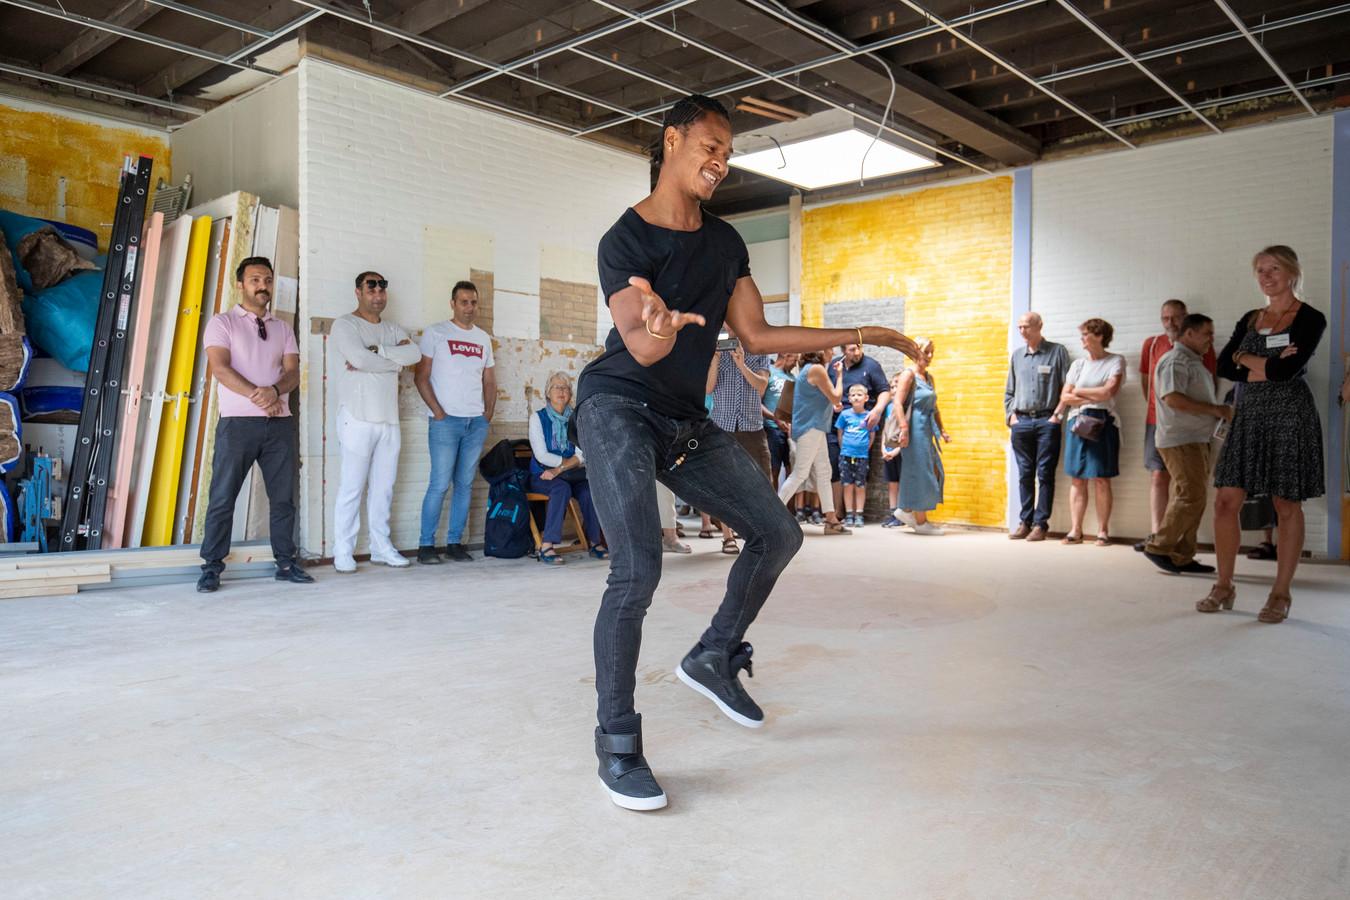 Tijdens de open dag was er ook een dansvoorstelling.